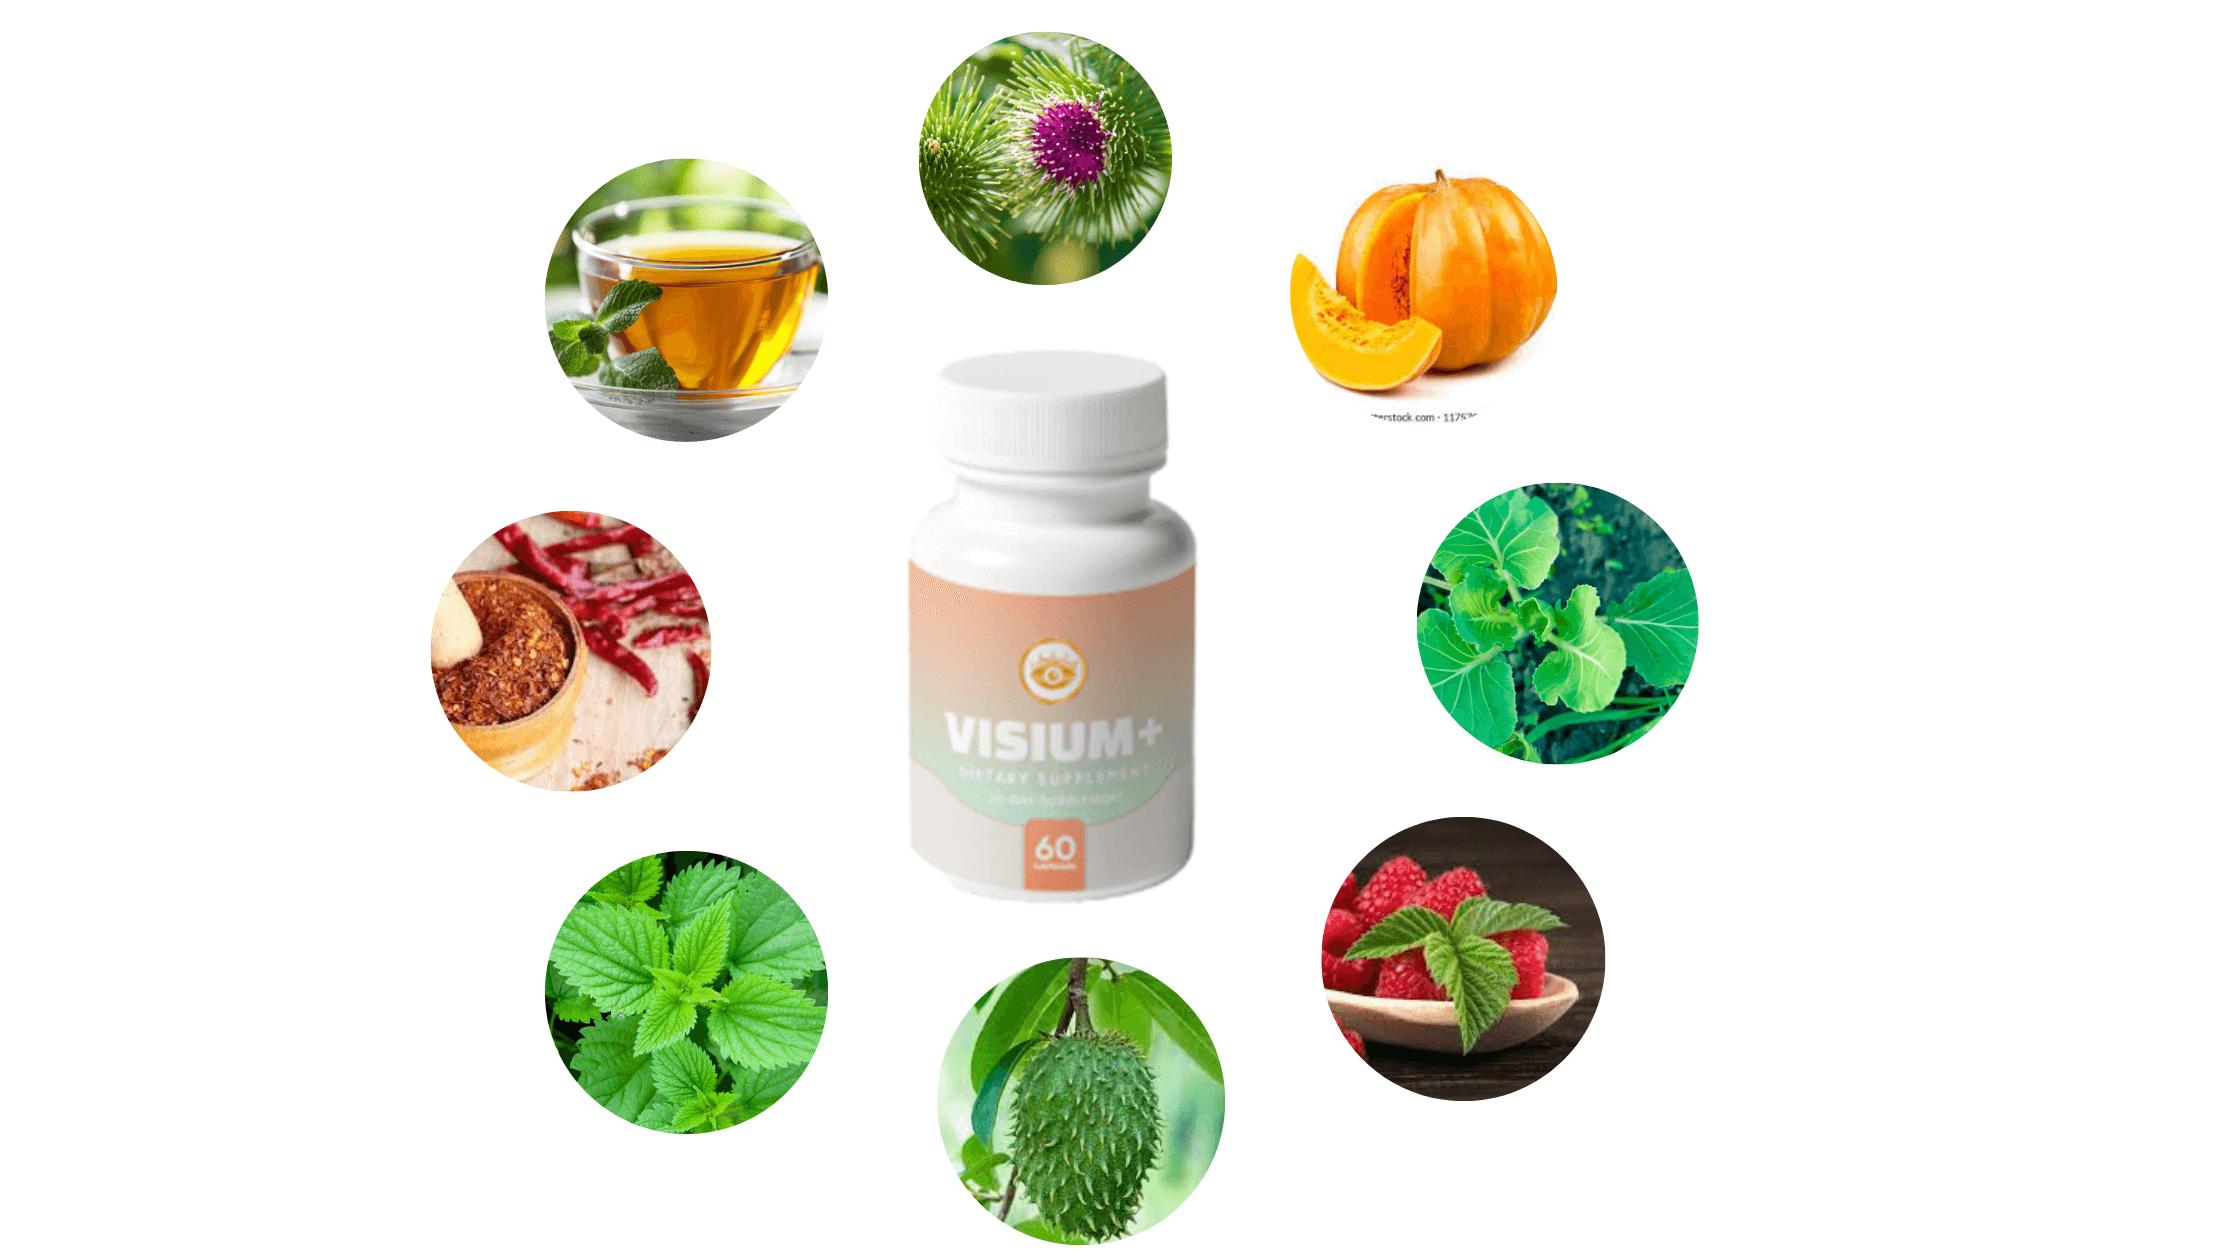 Visium Plus Suppelemnt Ingredients